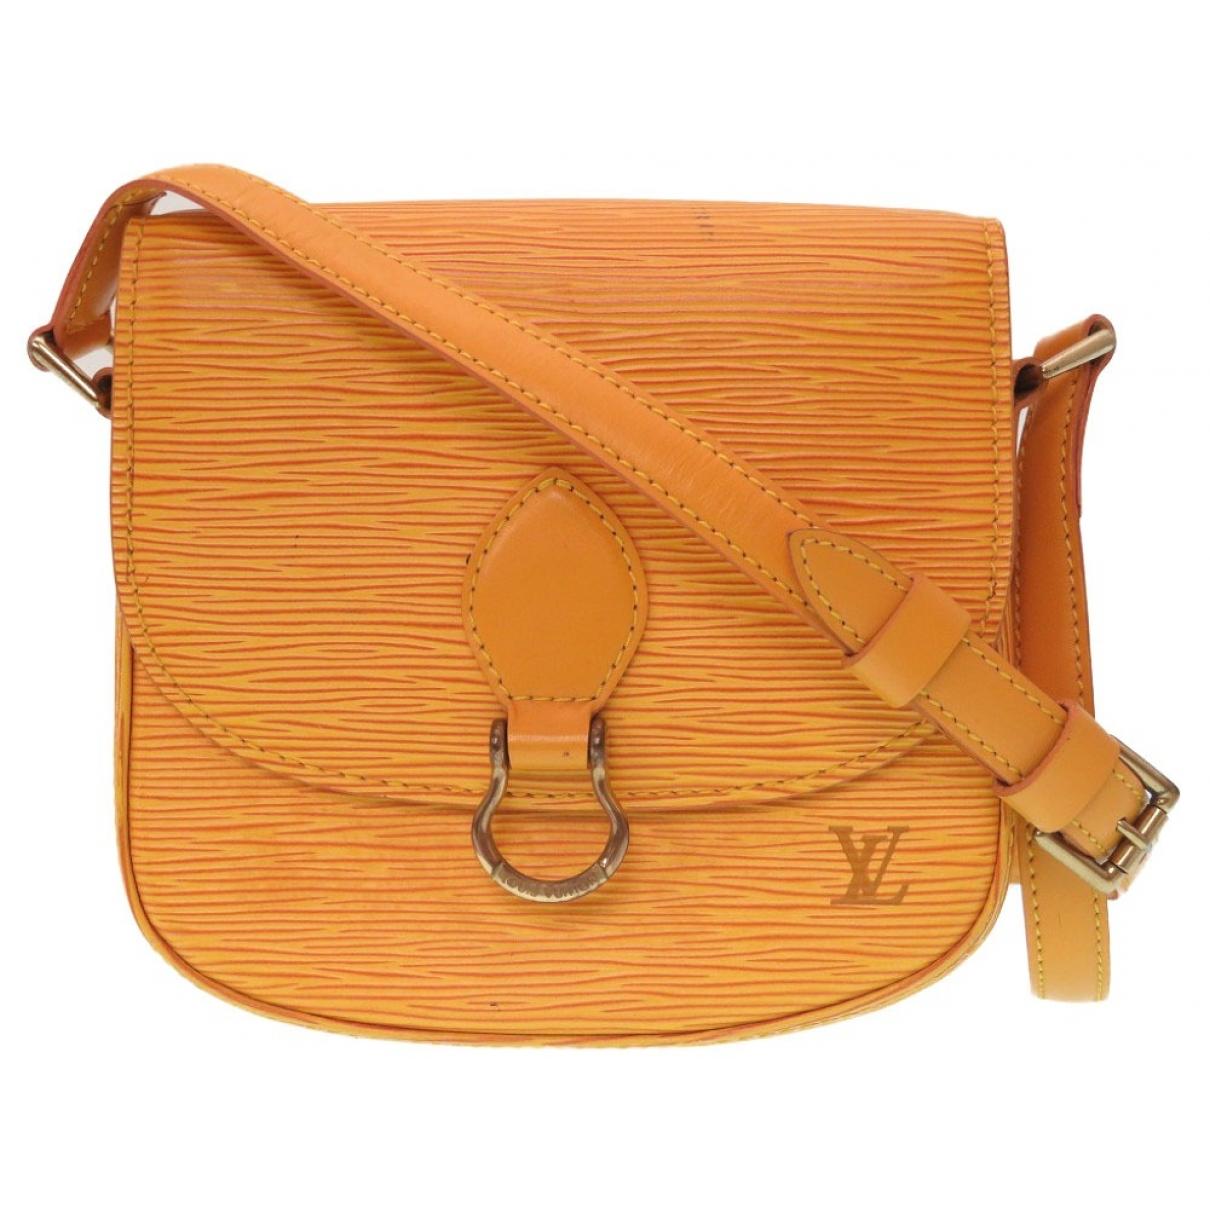 Louis Vuitton - Sac a main Saint Cloud vintage pour femme en cuir - jaune